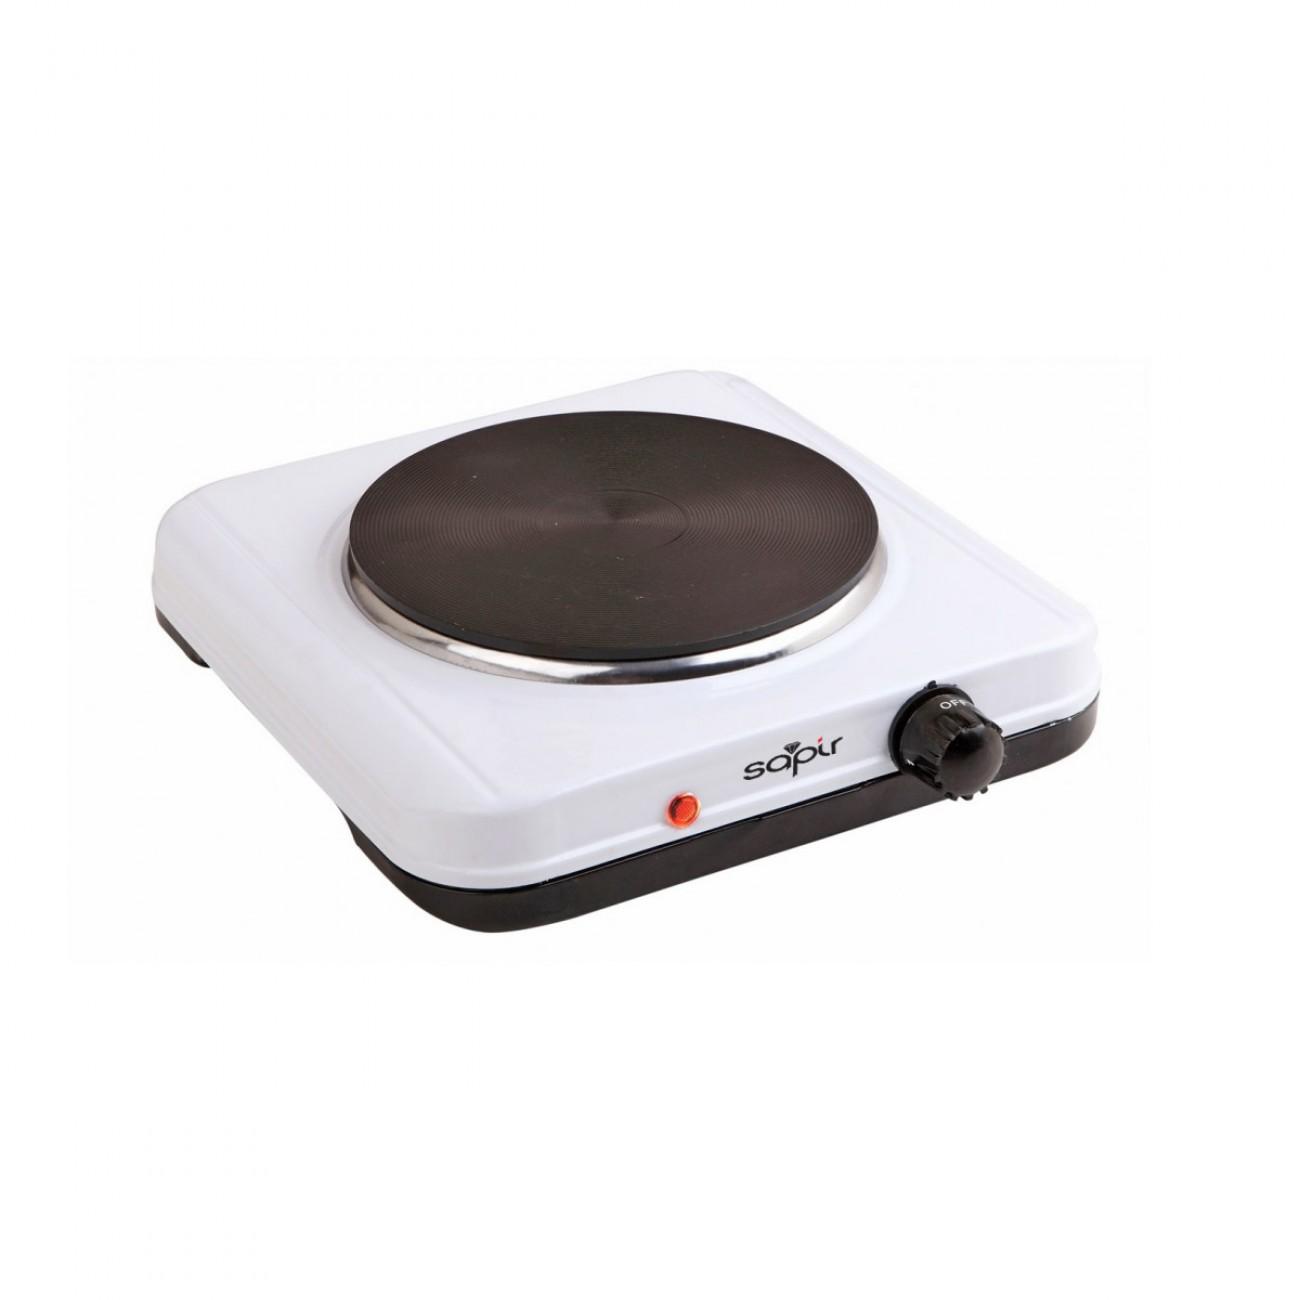 Електрически котлон SAPIR SP 1445 O, 1500 W, Регулируем термостат, Бял в Котлони - SAPIR | Alleop